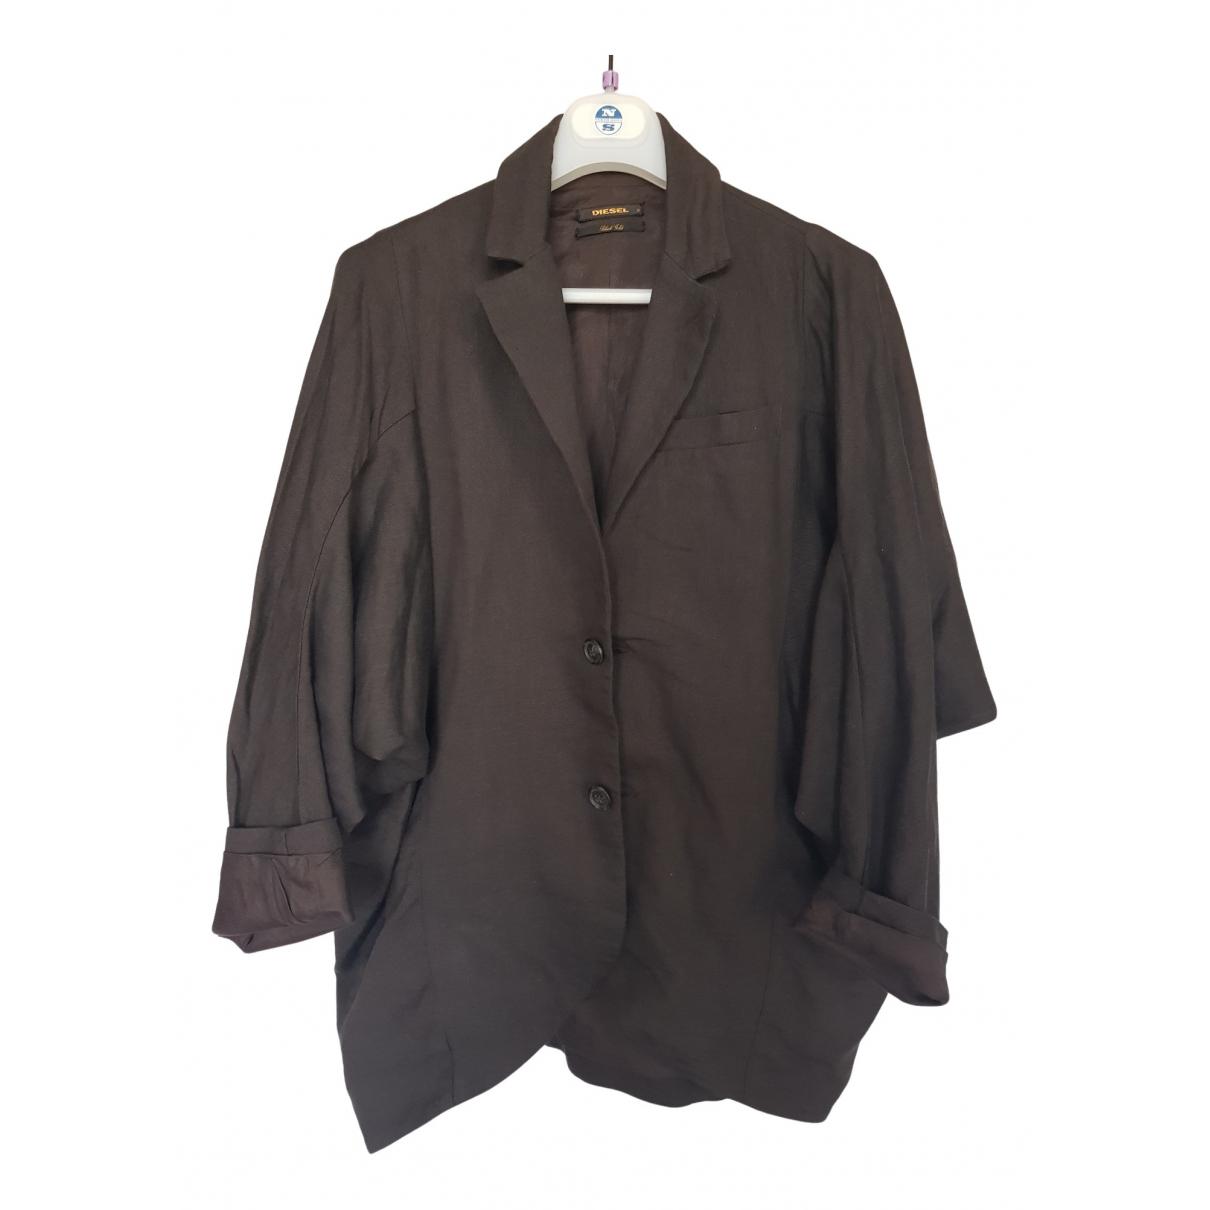 Diesel Black Gold N Brown Wool jacket for Women S International